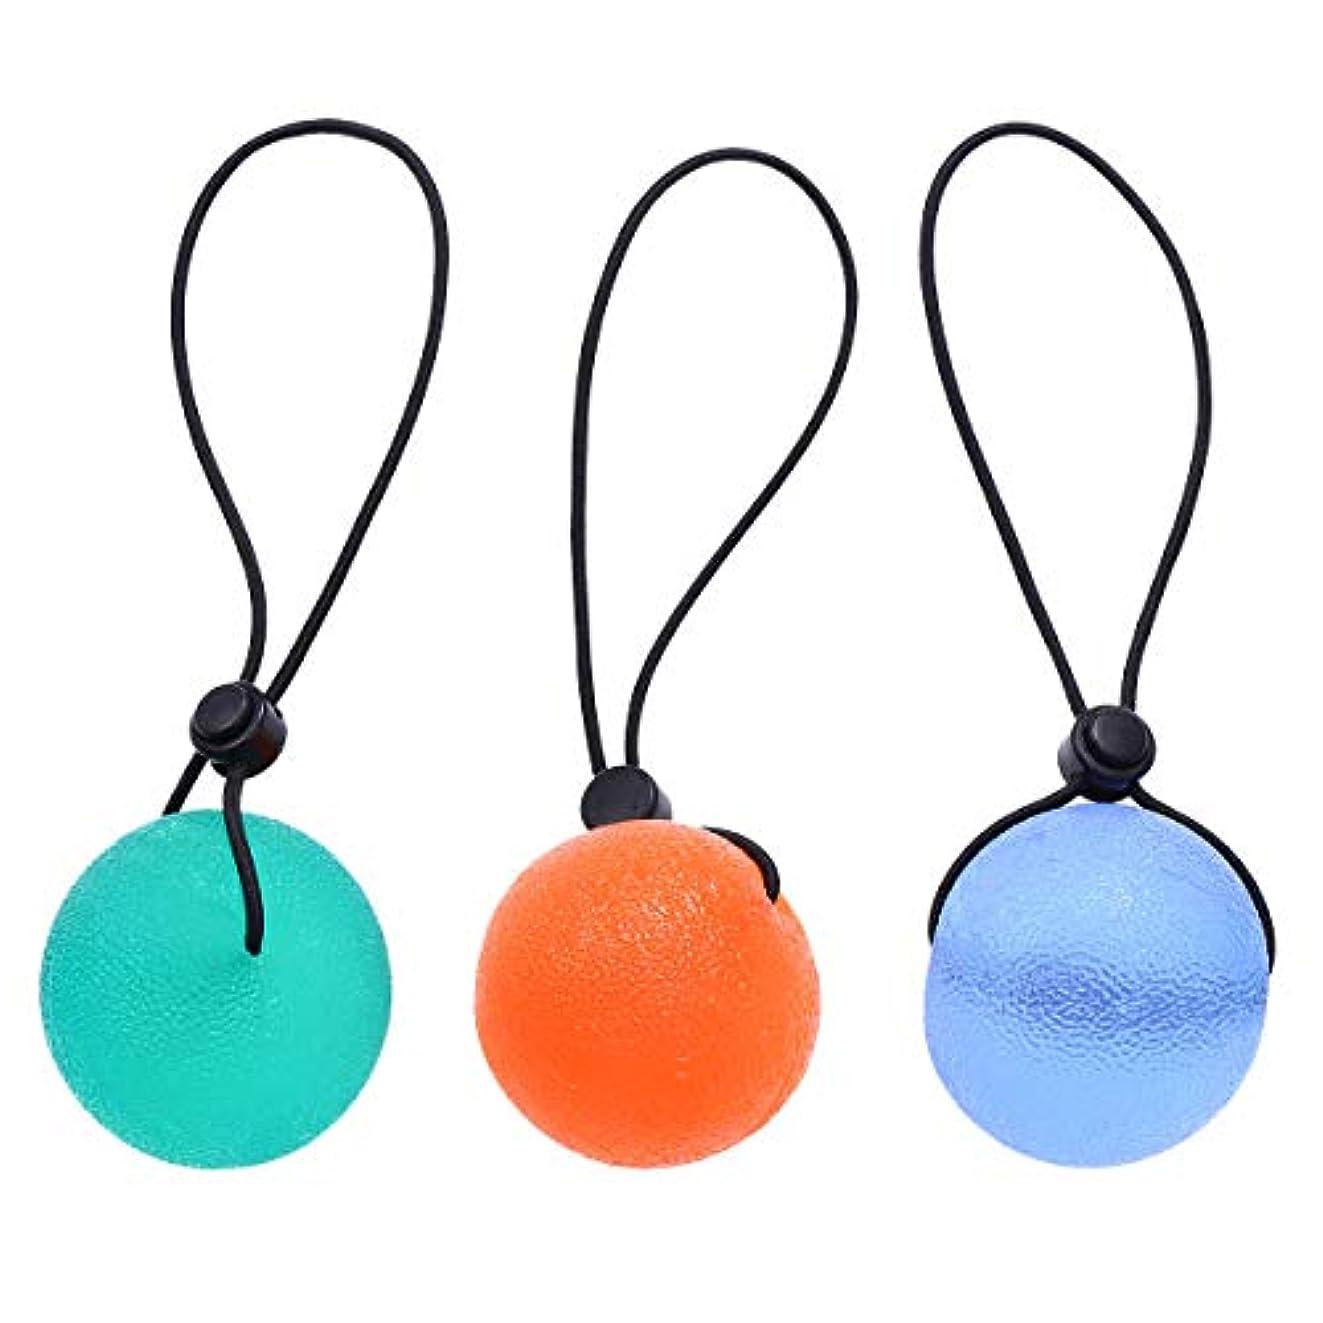 合体ジャンプする雰囲気HEALLILY 3個ハンドセラピー運動ボールグリップ強化剤指グリップボールと文字列